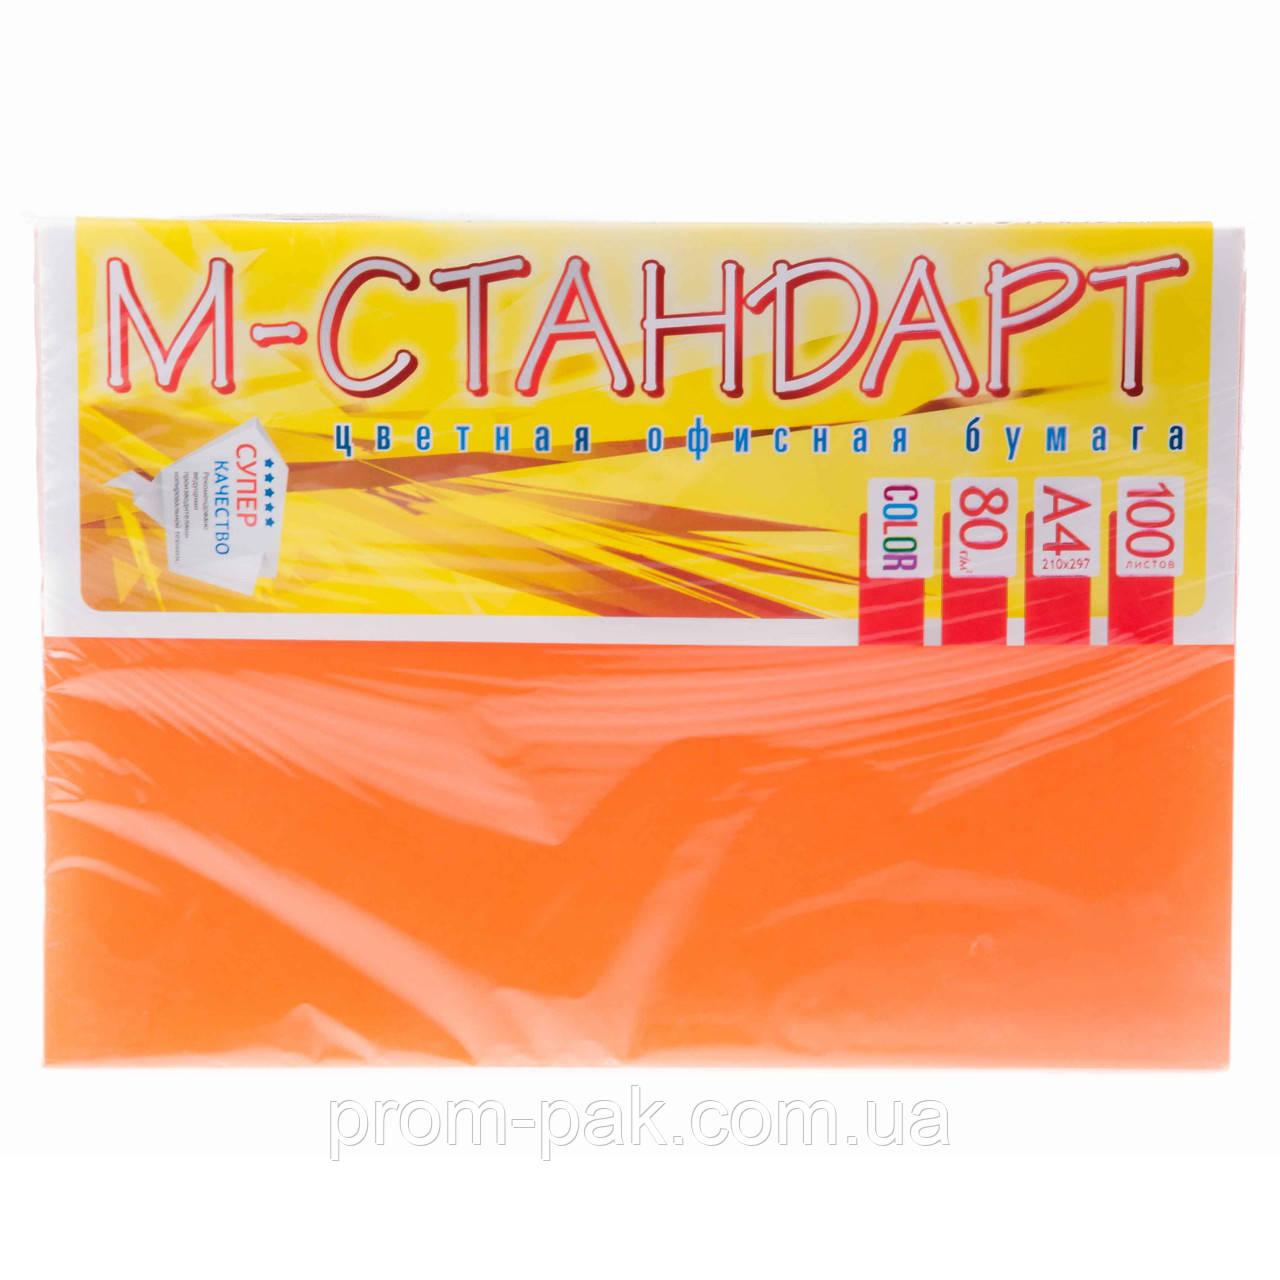 Бумага для цветного лазерного принтера М - Стандарт А4 г/м² 80 пастель